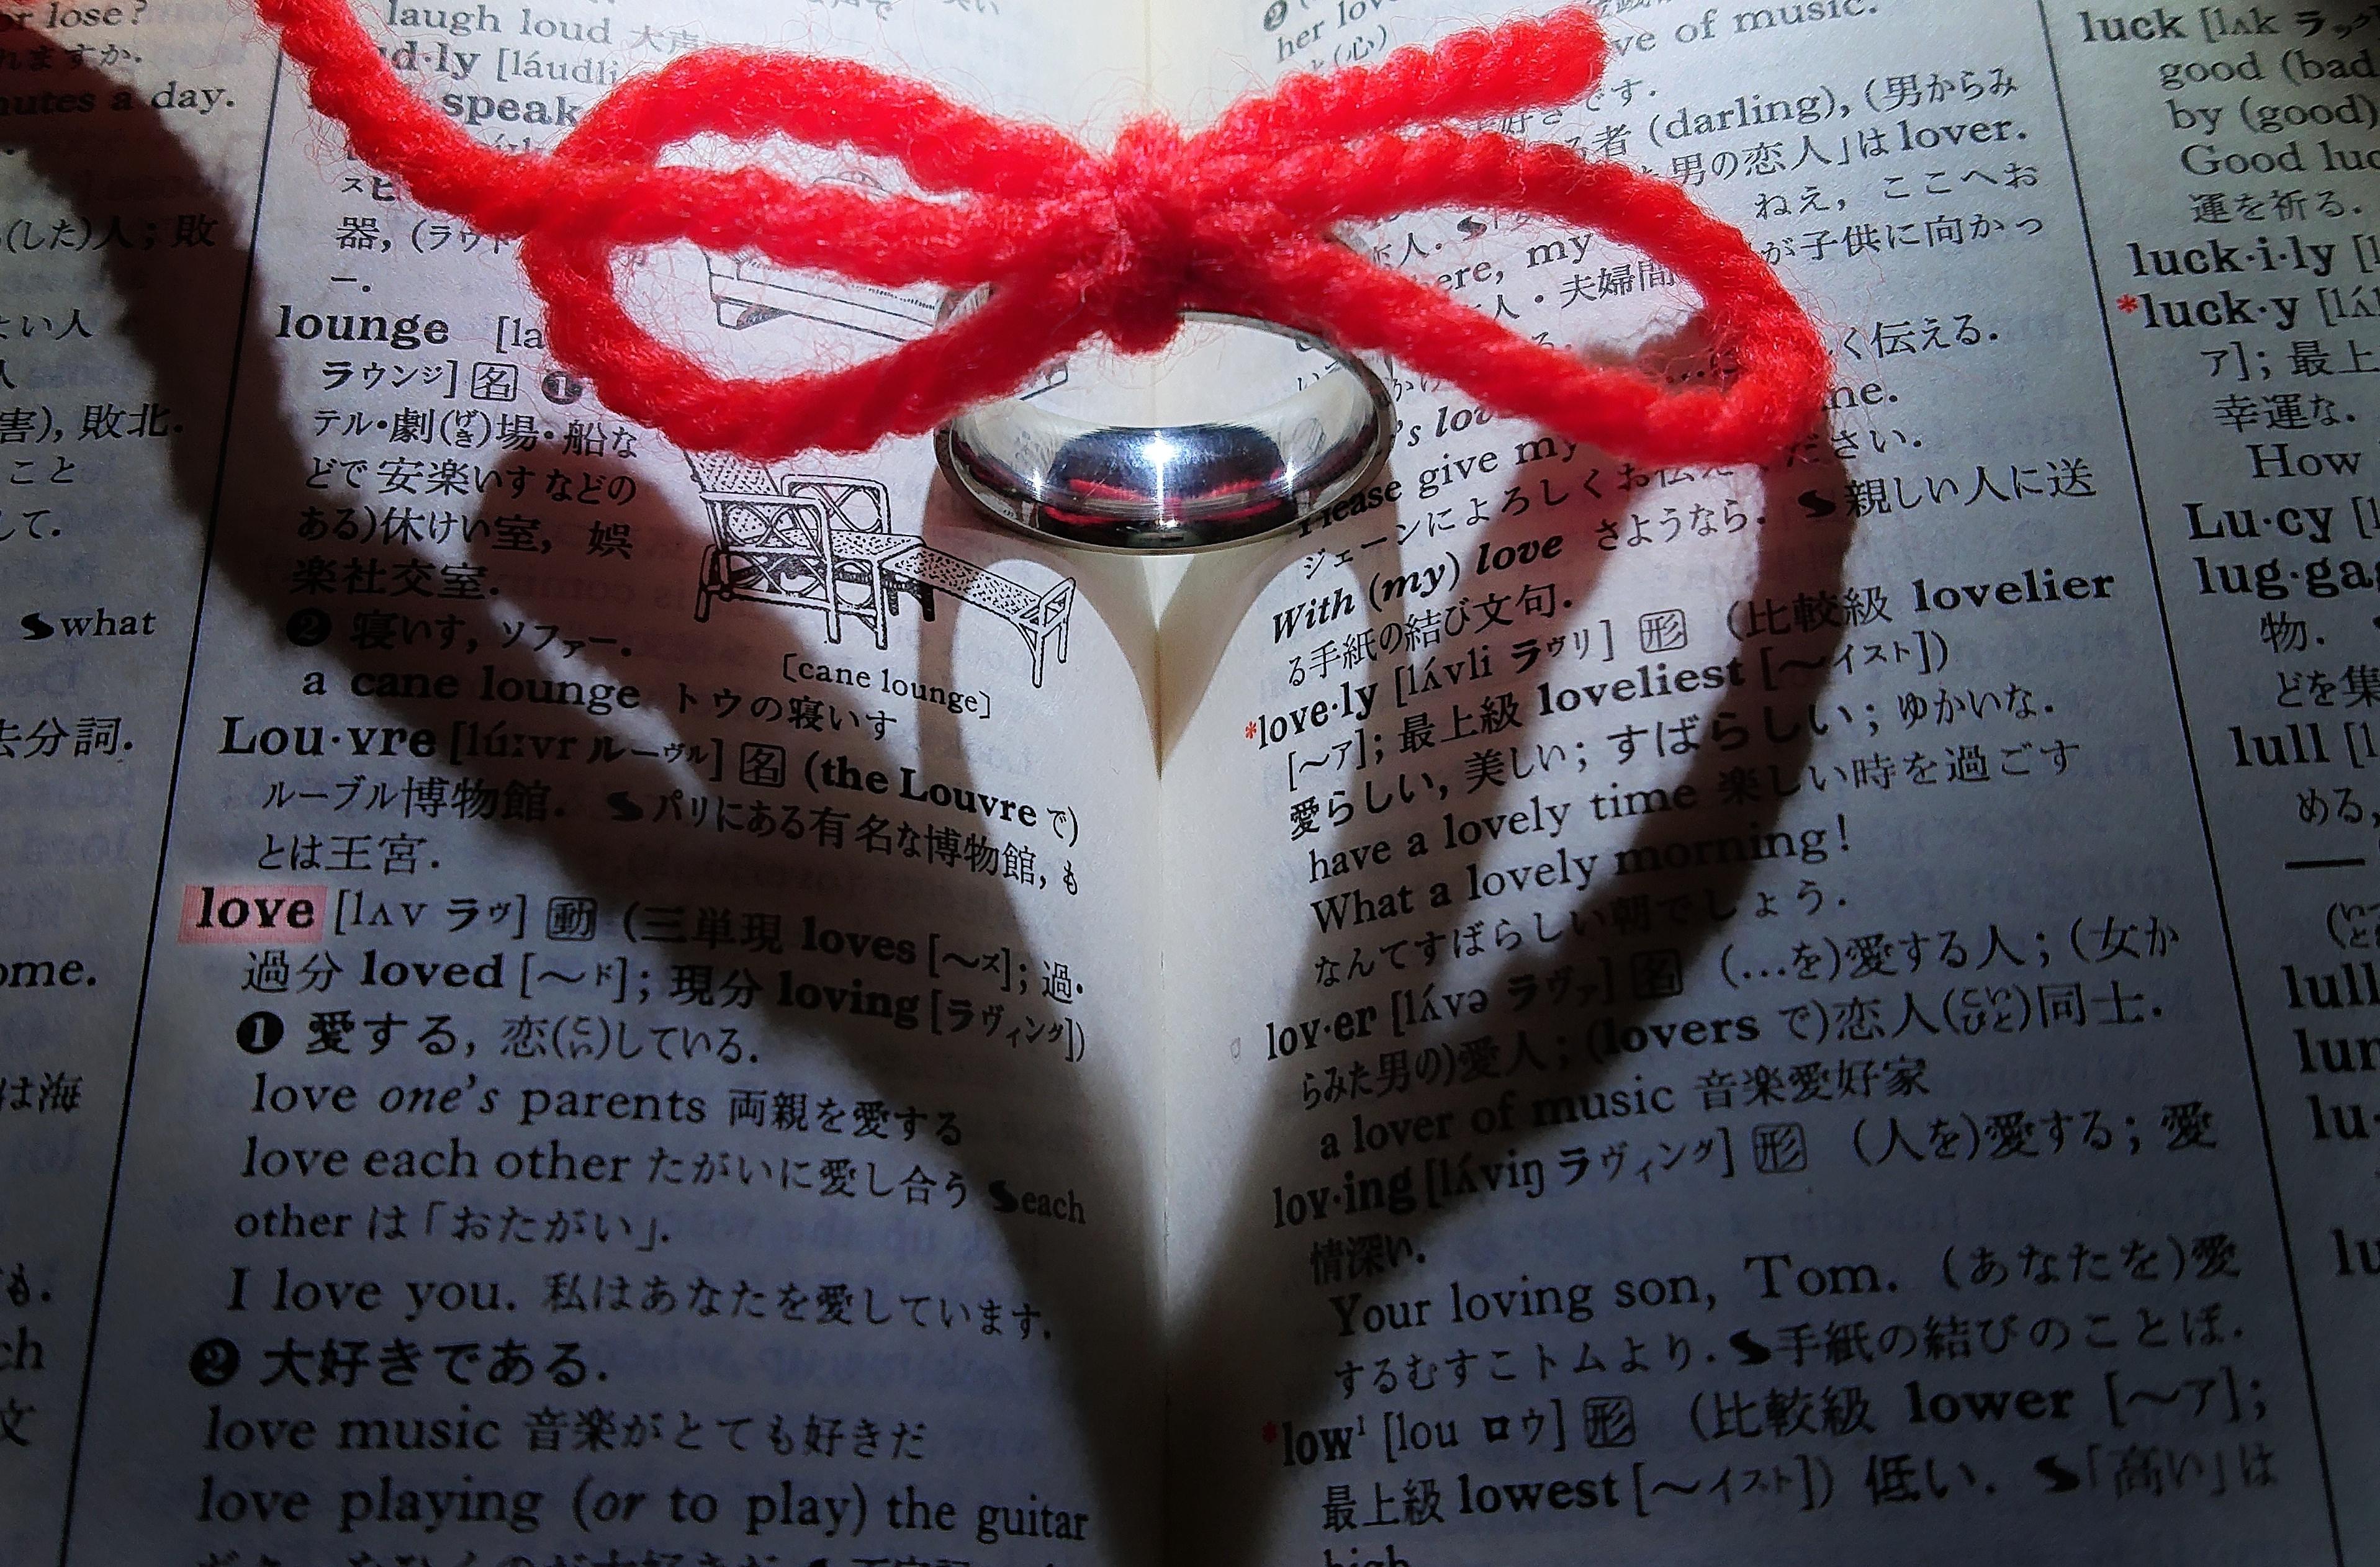 愛のページに浮かび上がるハートの影の写真